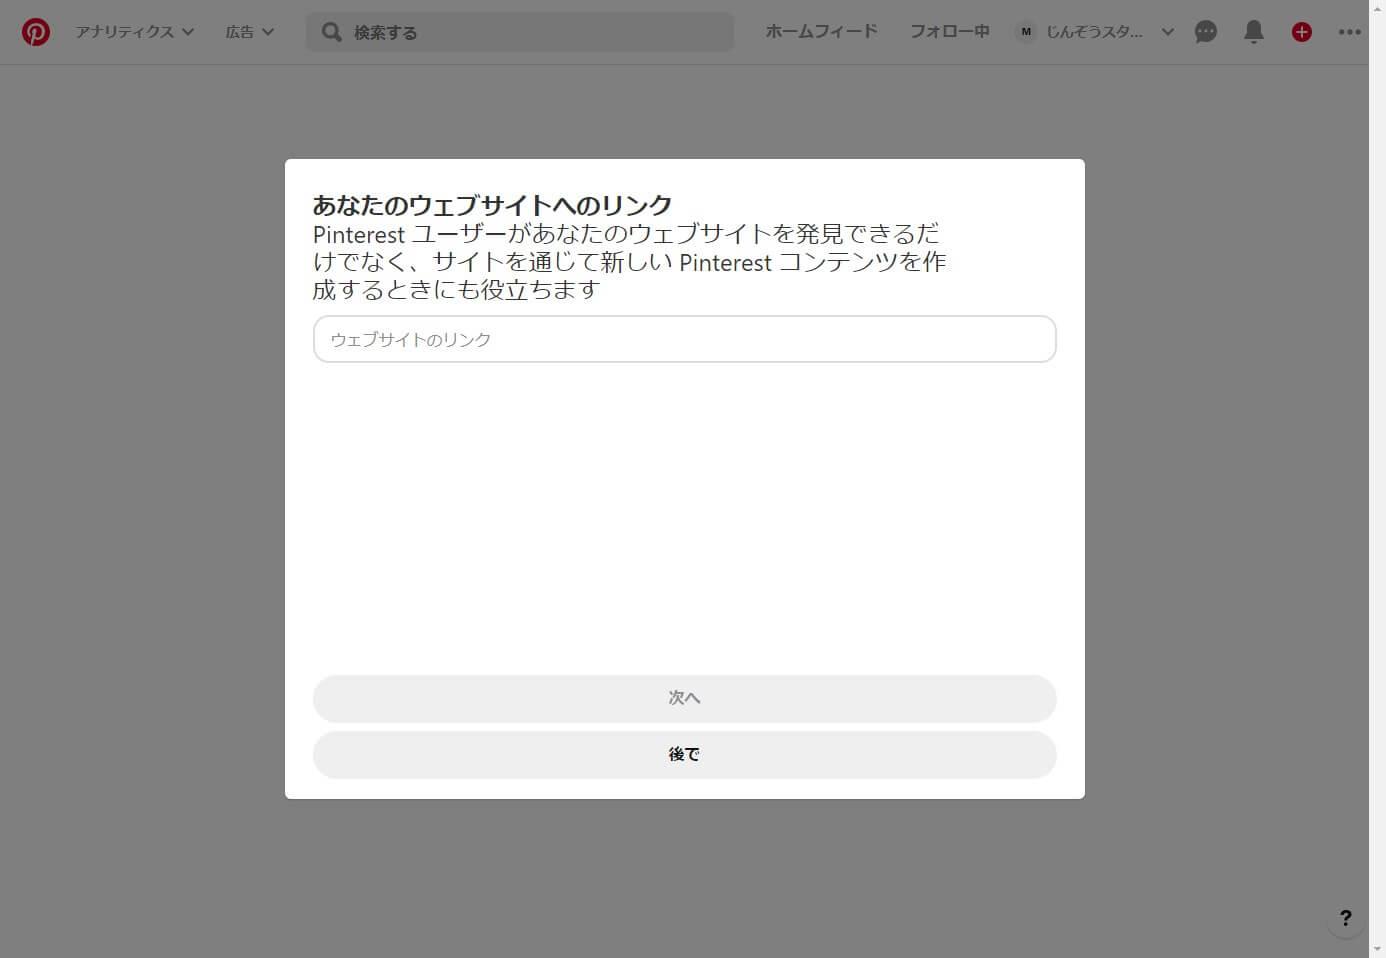 ピンタレストのウェブサイトリンク画面